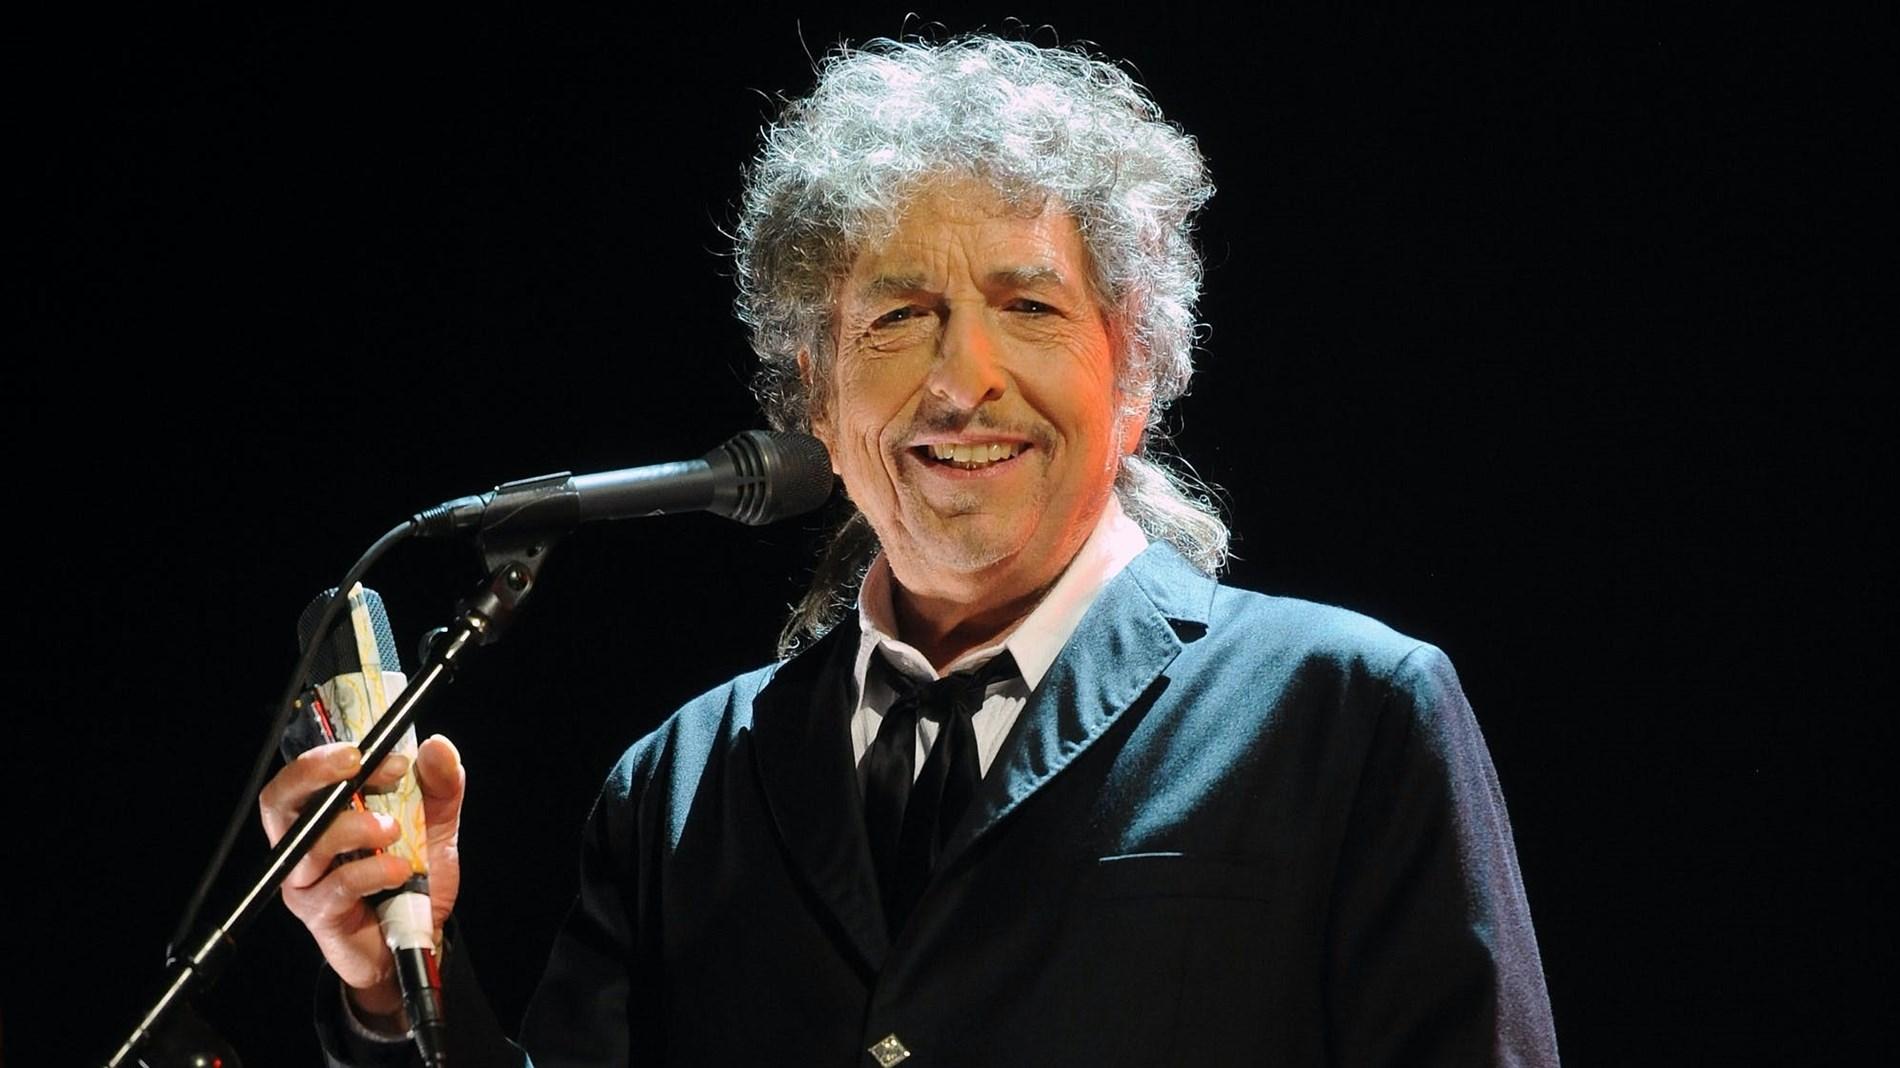 بوب ديلن يطلق ألبومه الأول منذ عقد